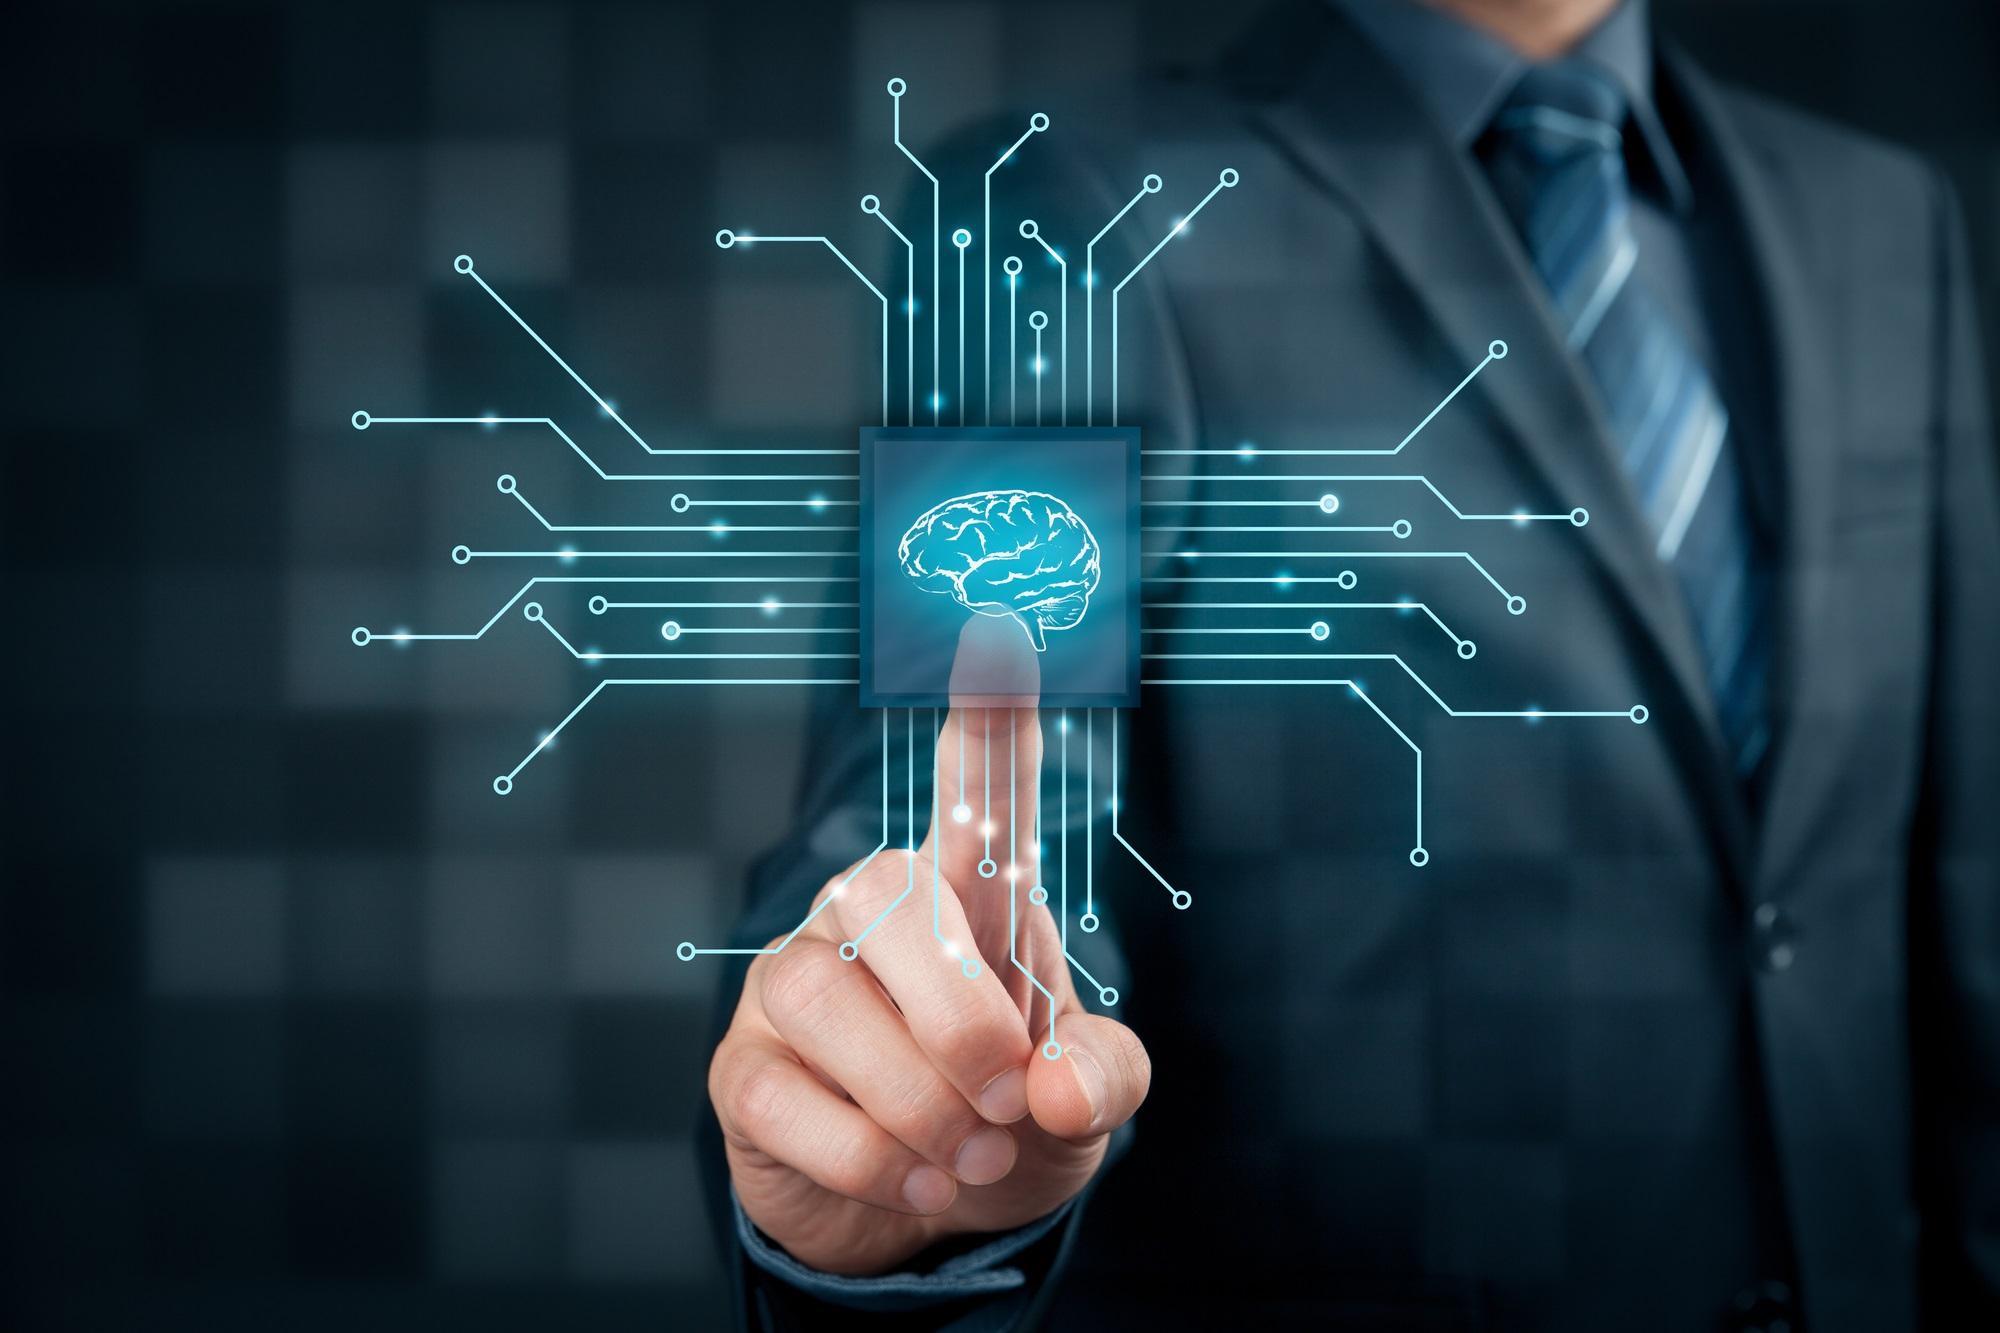 هواوي تطلق أقوى معالج ذكاء صناعي في العالم: Ascend 910 2